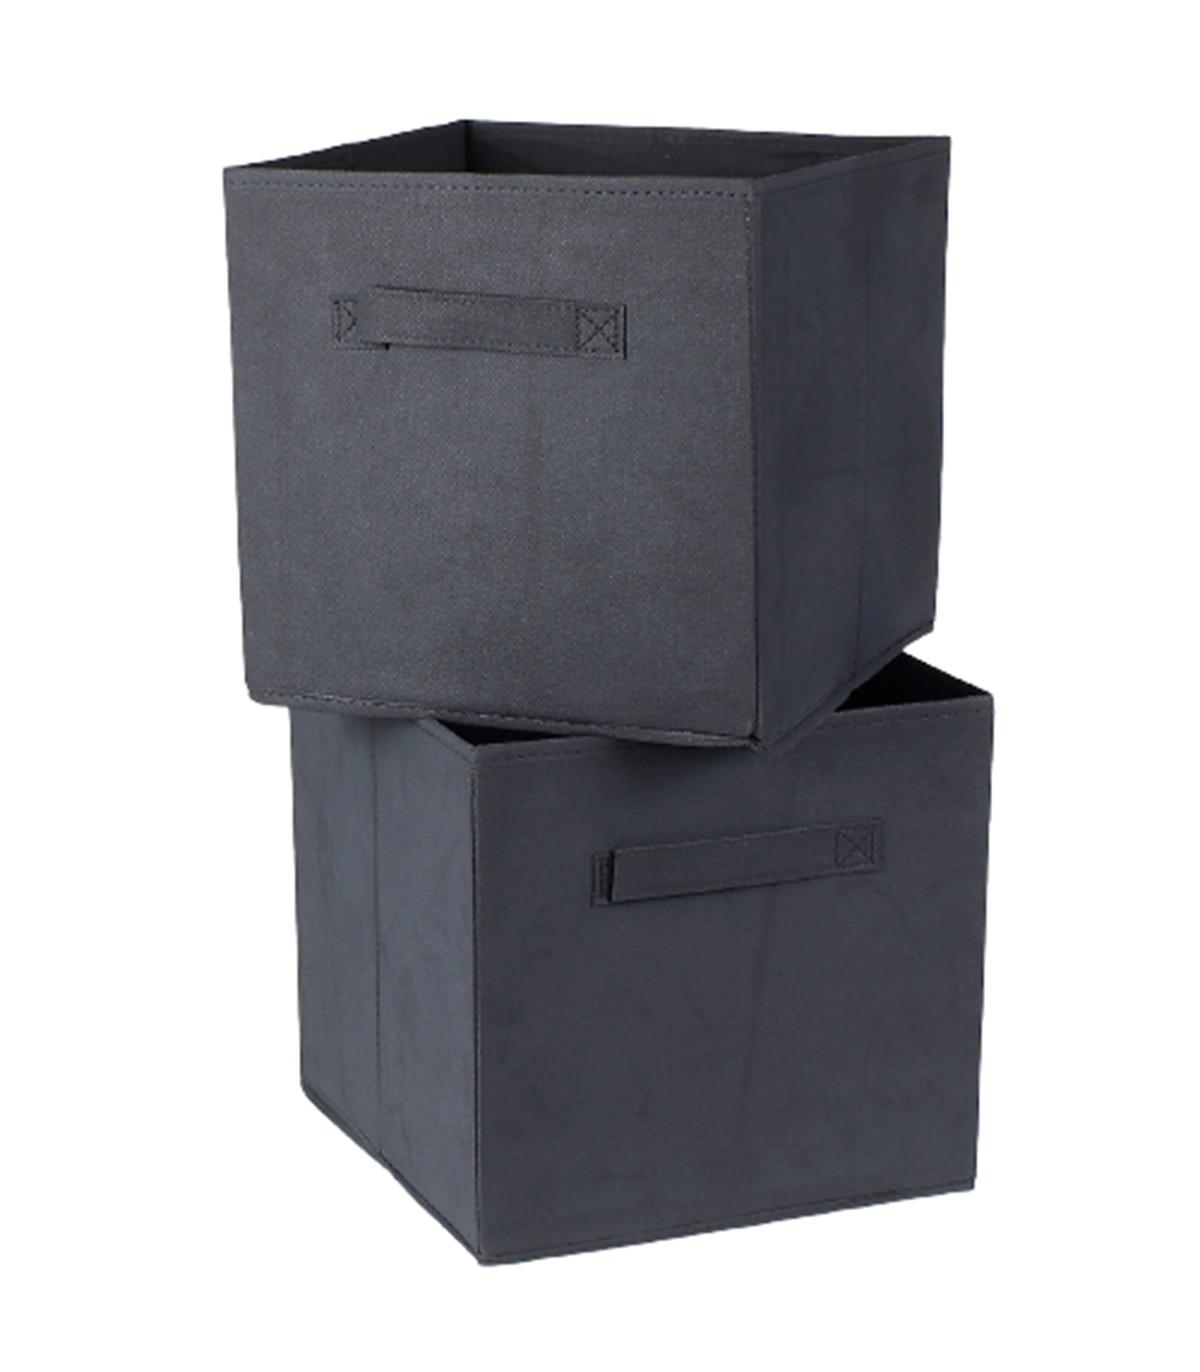 Cube de rangement intissé 28 cm - Lot de 2 - Gris